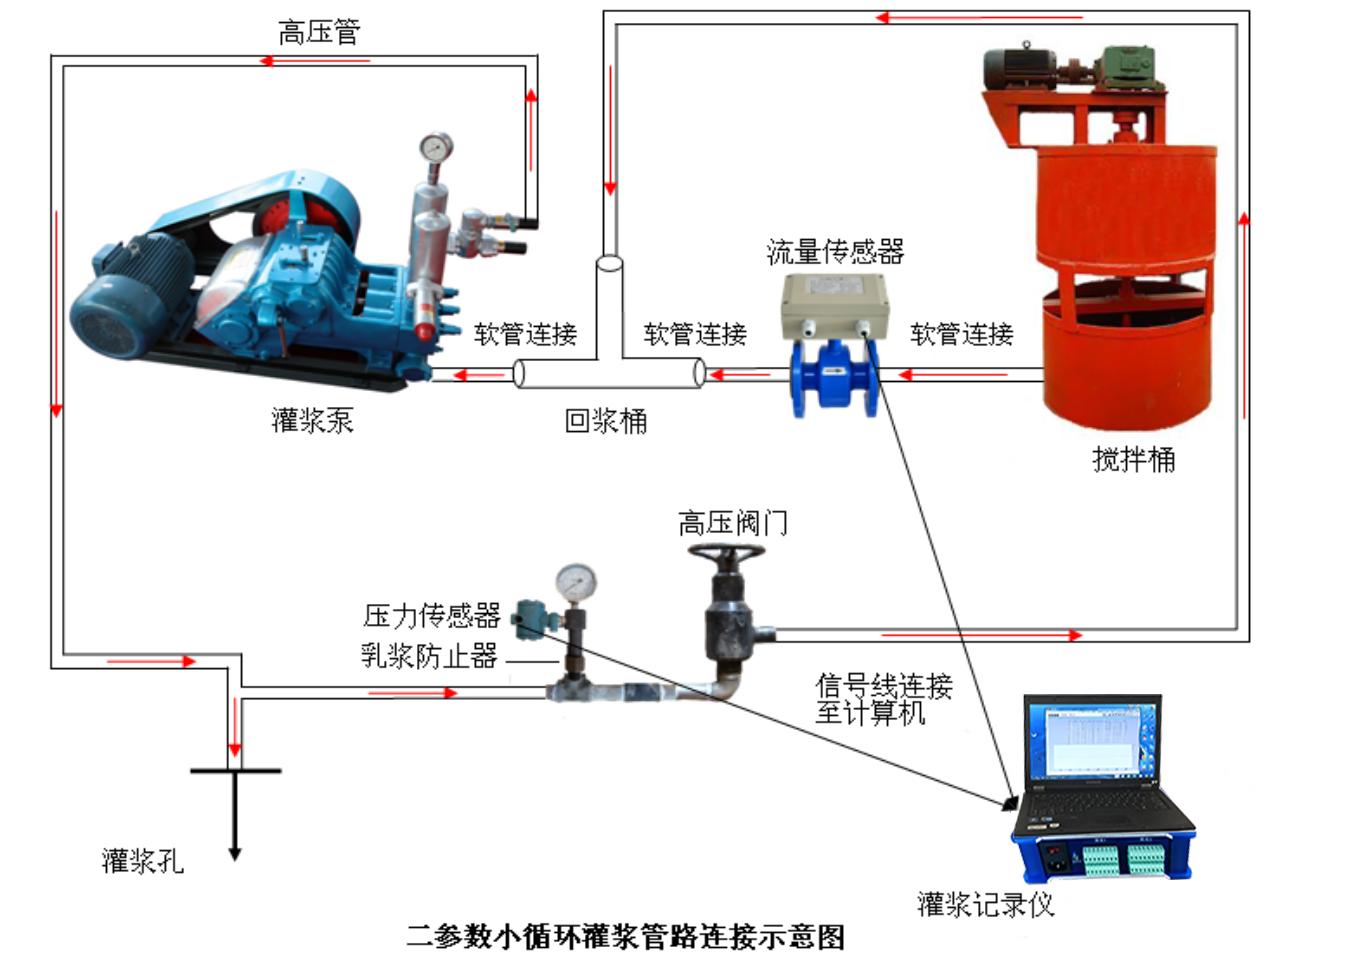 灌浆记录仪管路连接示意图